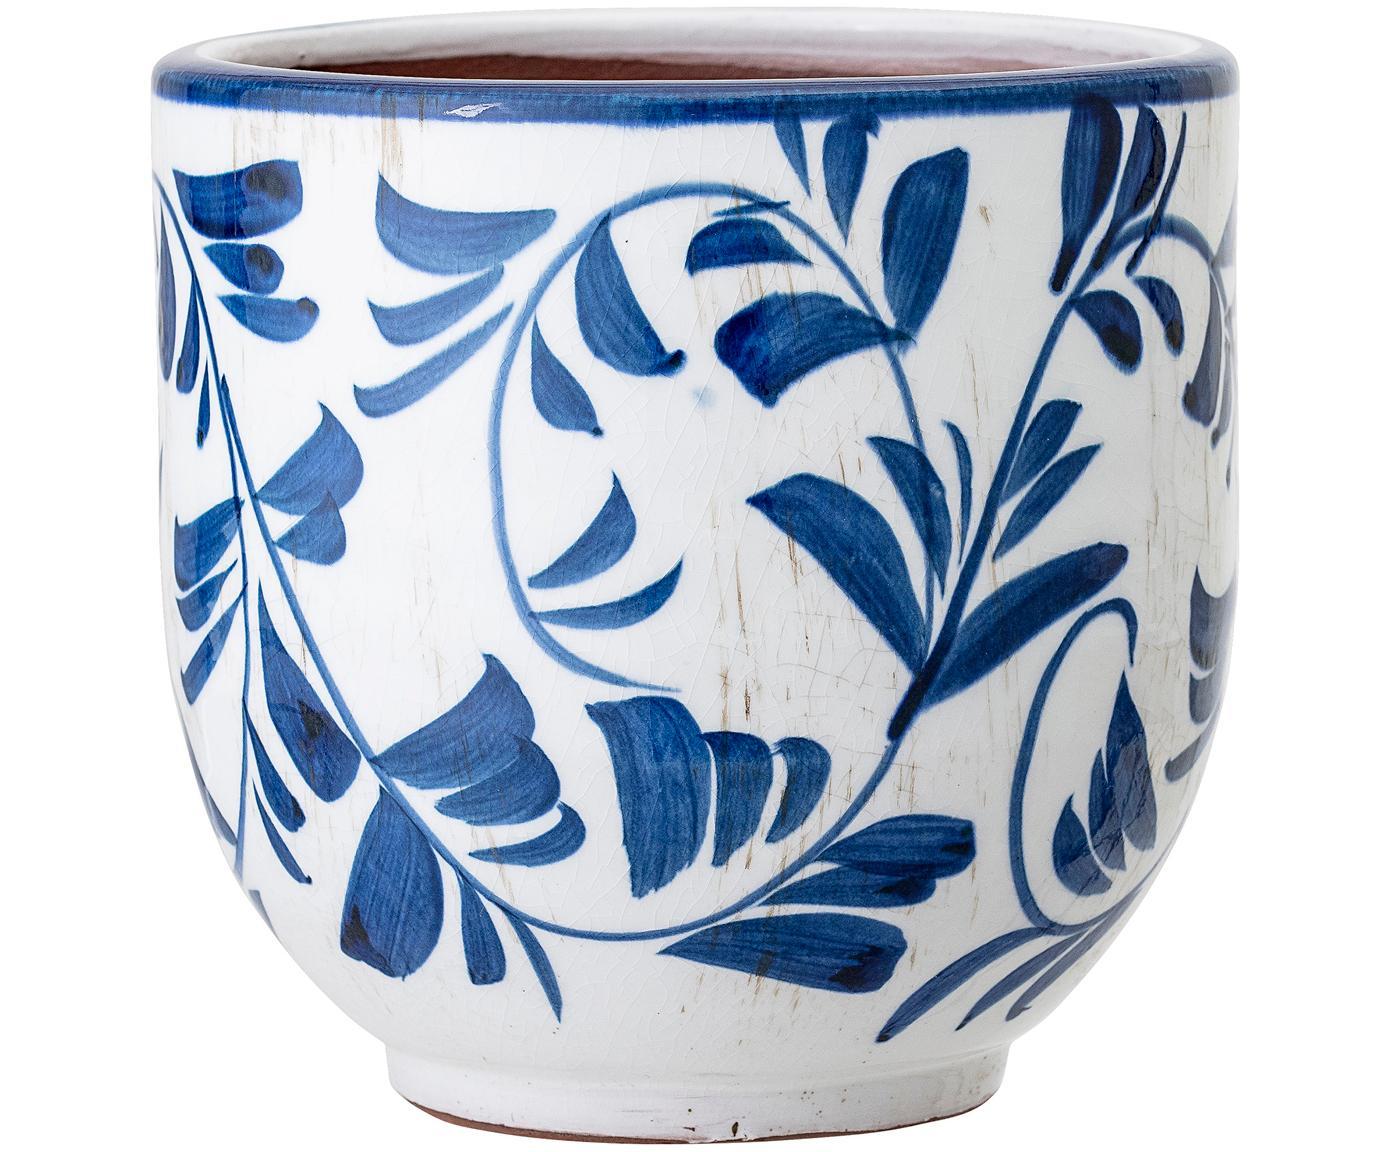 Osłonka na doniczkę Jarl, Terakota, Niebieski, biały, Ø 14 x W 14 cm